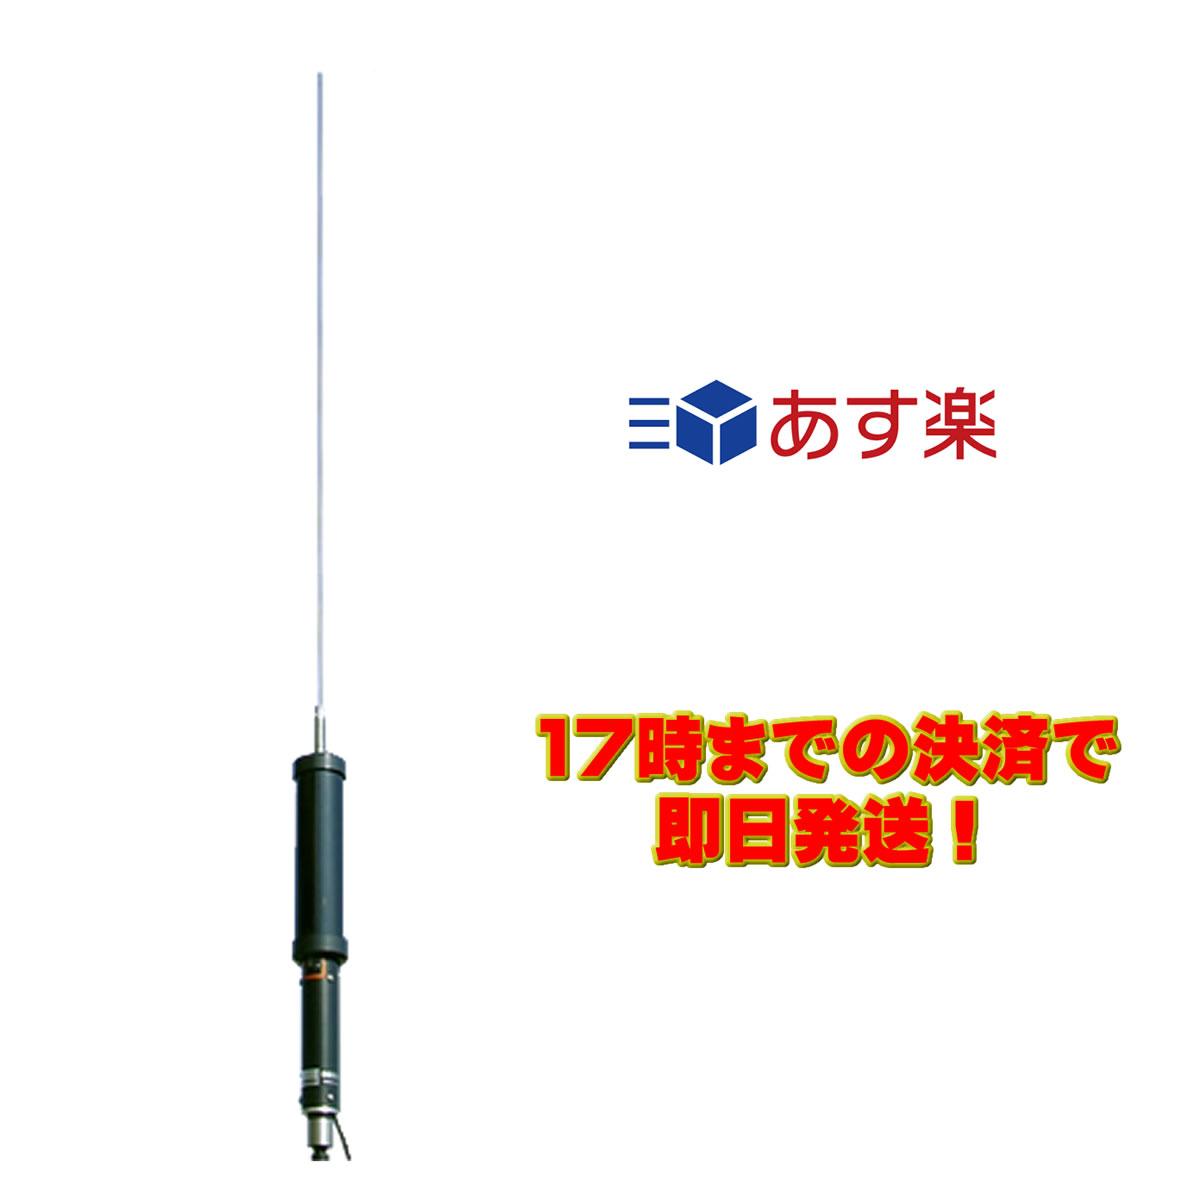 SD330 ダイヤモンド 3.5~30MHz スクリュードライバーアンテナ